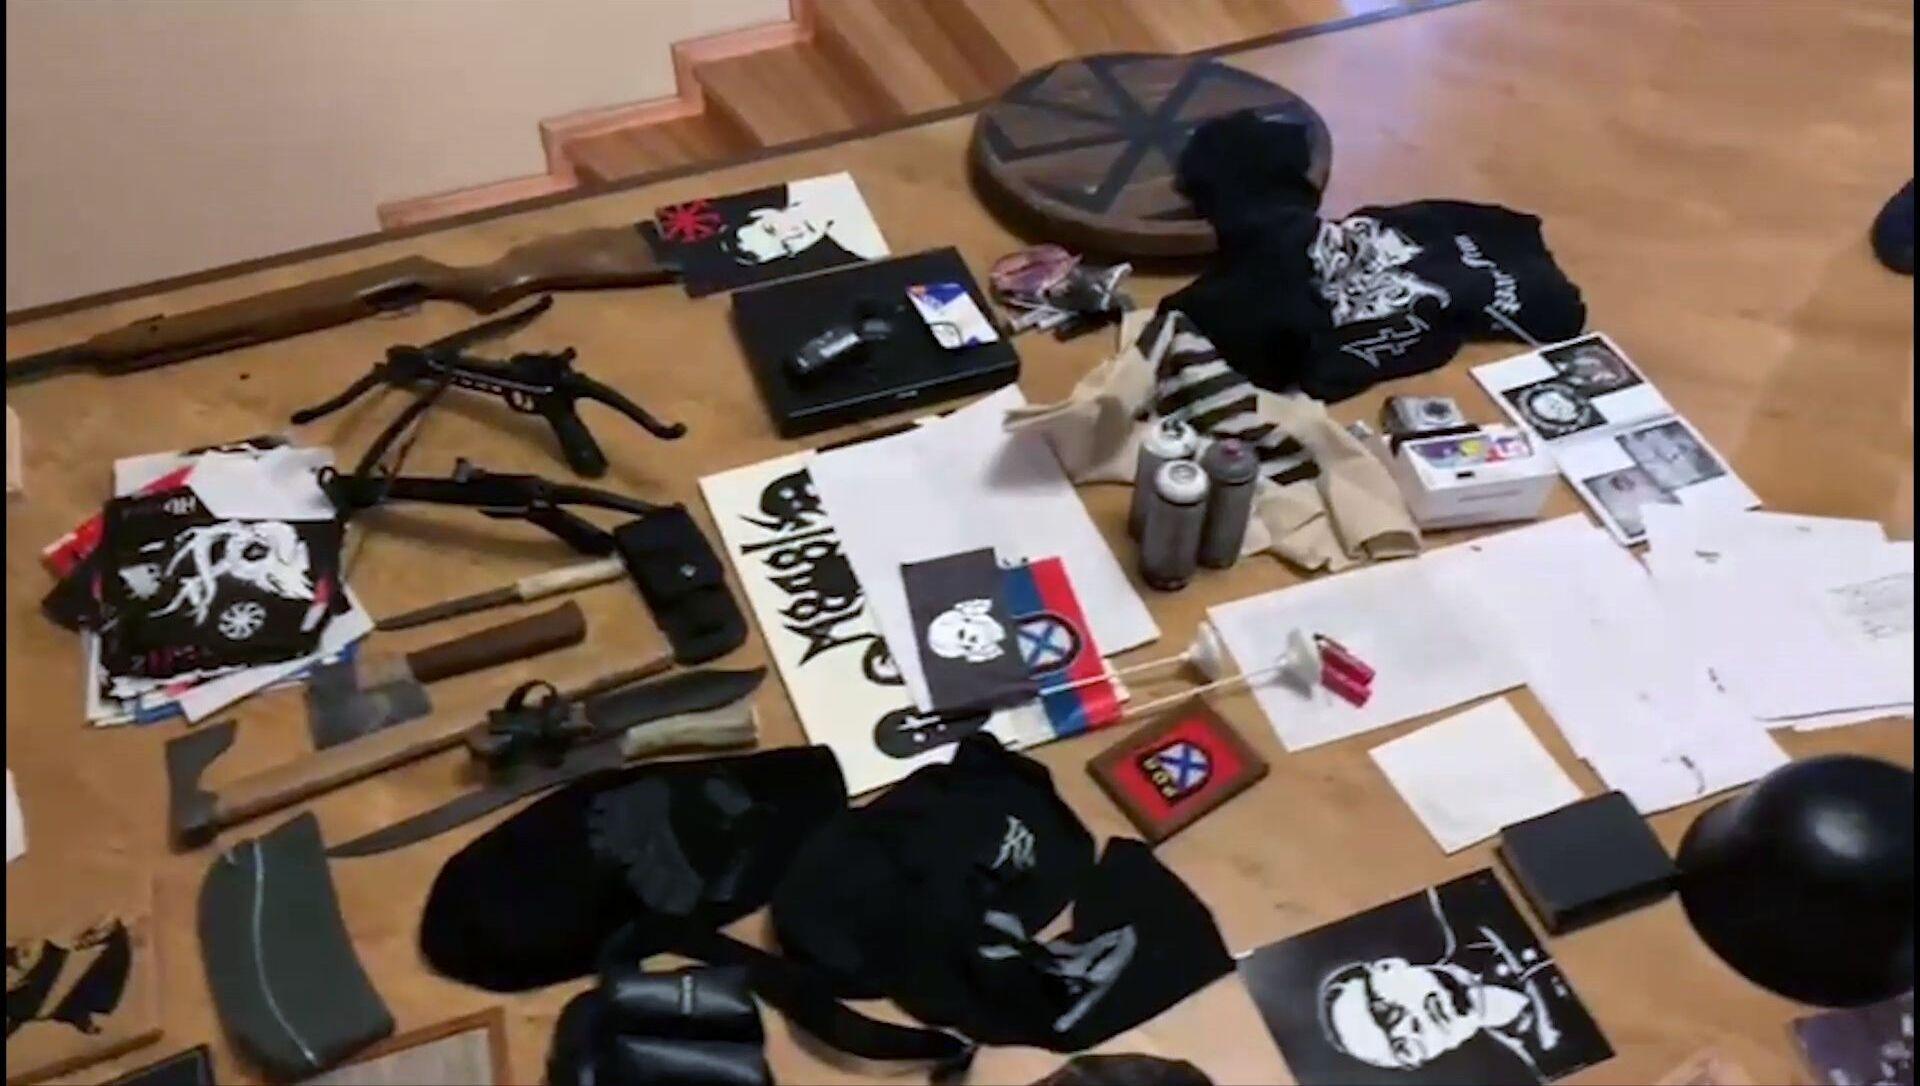 Przedmioty, skonfiskowane przez FSB podczas zatrzymania członków neonazistowskiej organizacji MKU w Gelendżyku i Jarosławiu. - Sputnik Polska, 1920, 19.03.2021